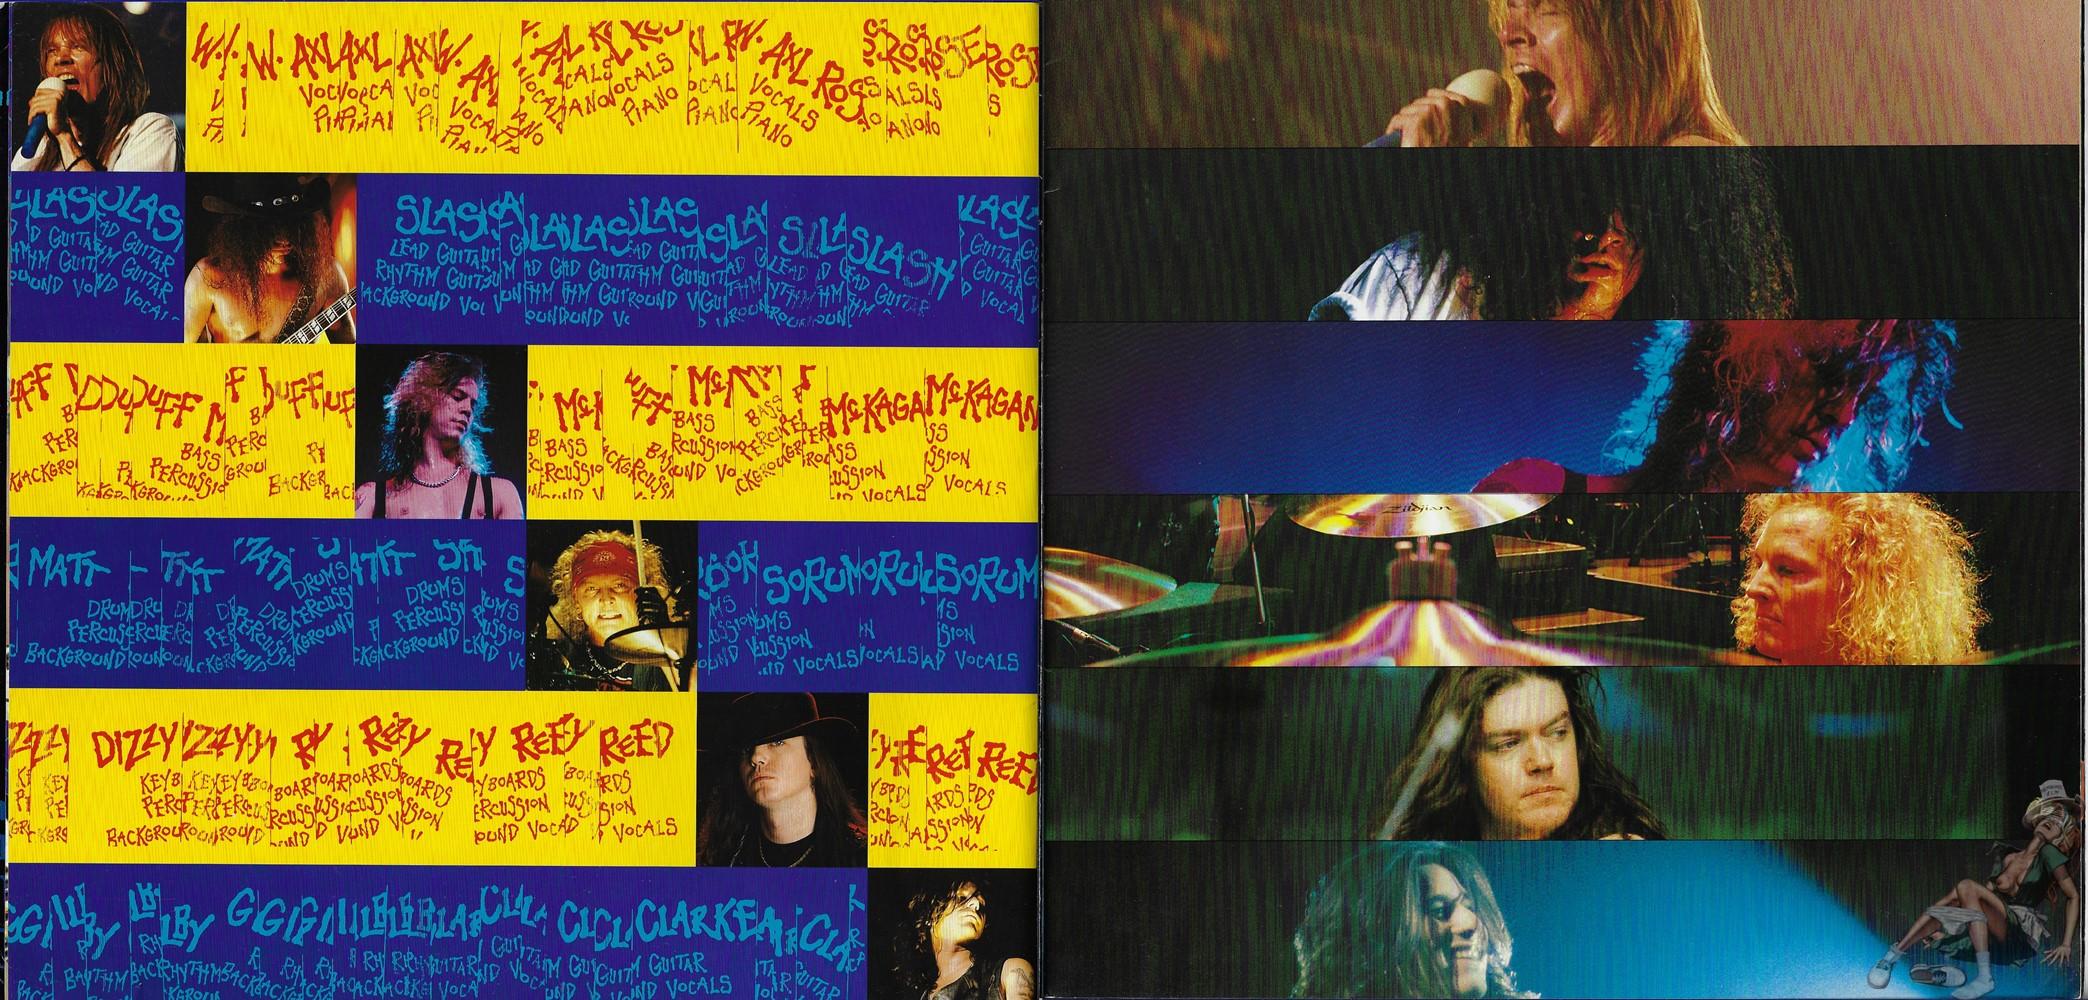 1993.MM.DD - Use Your Illusion Tour program WMoaC7xO_o